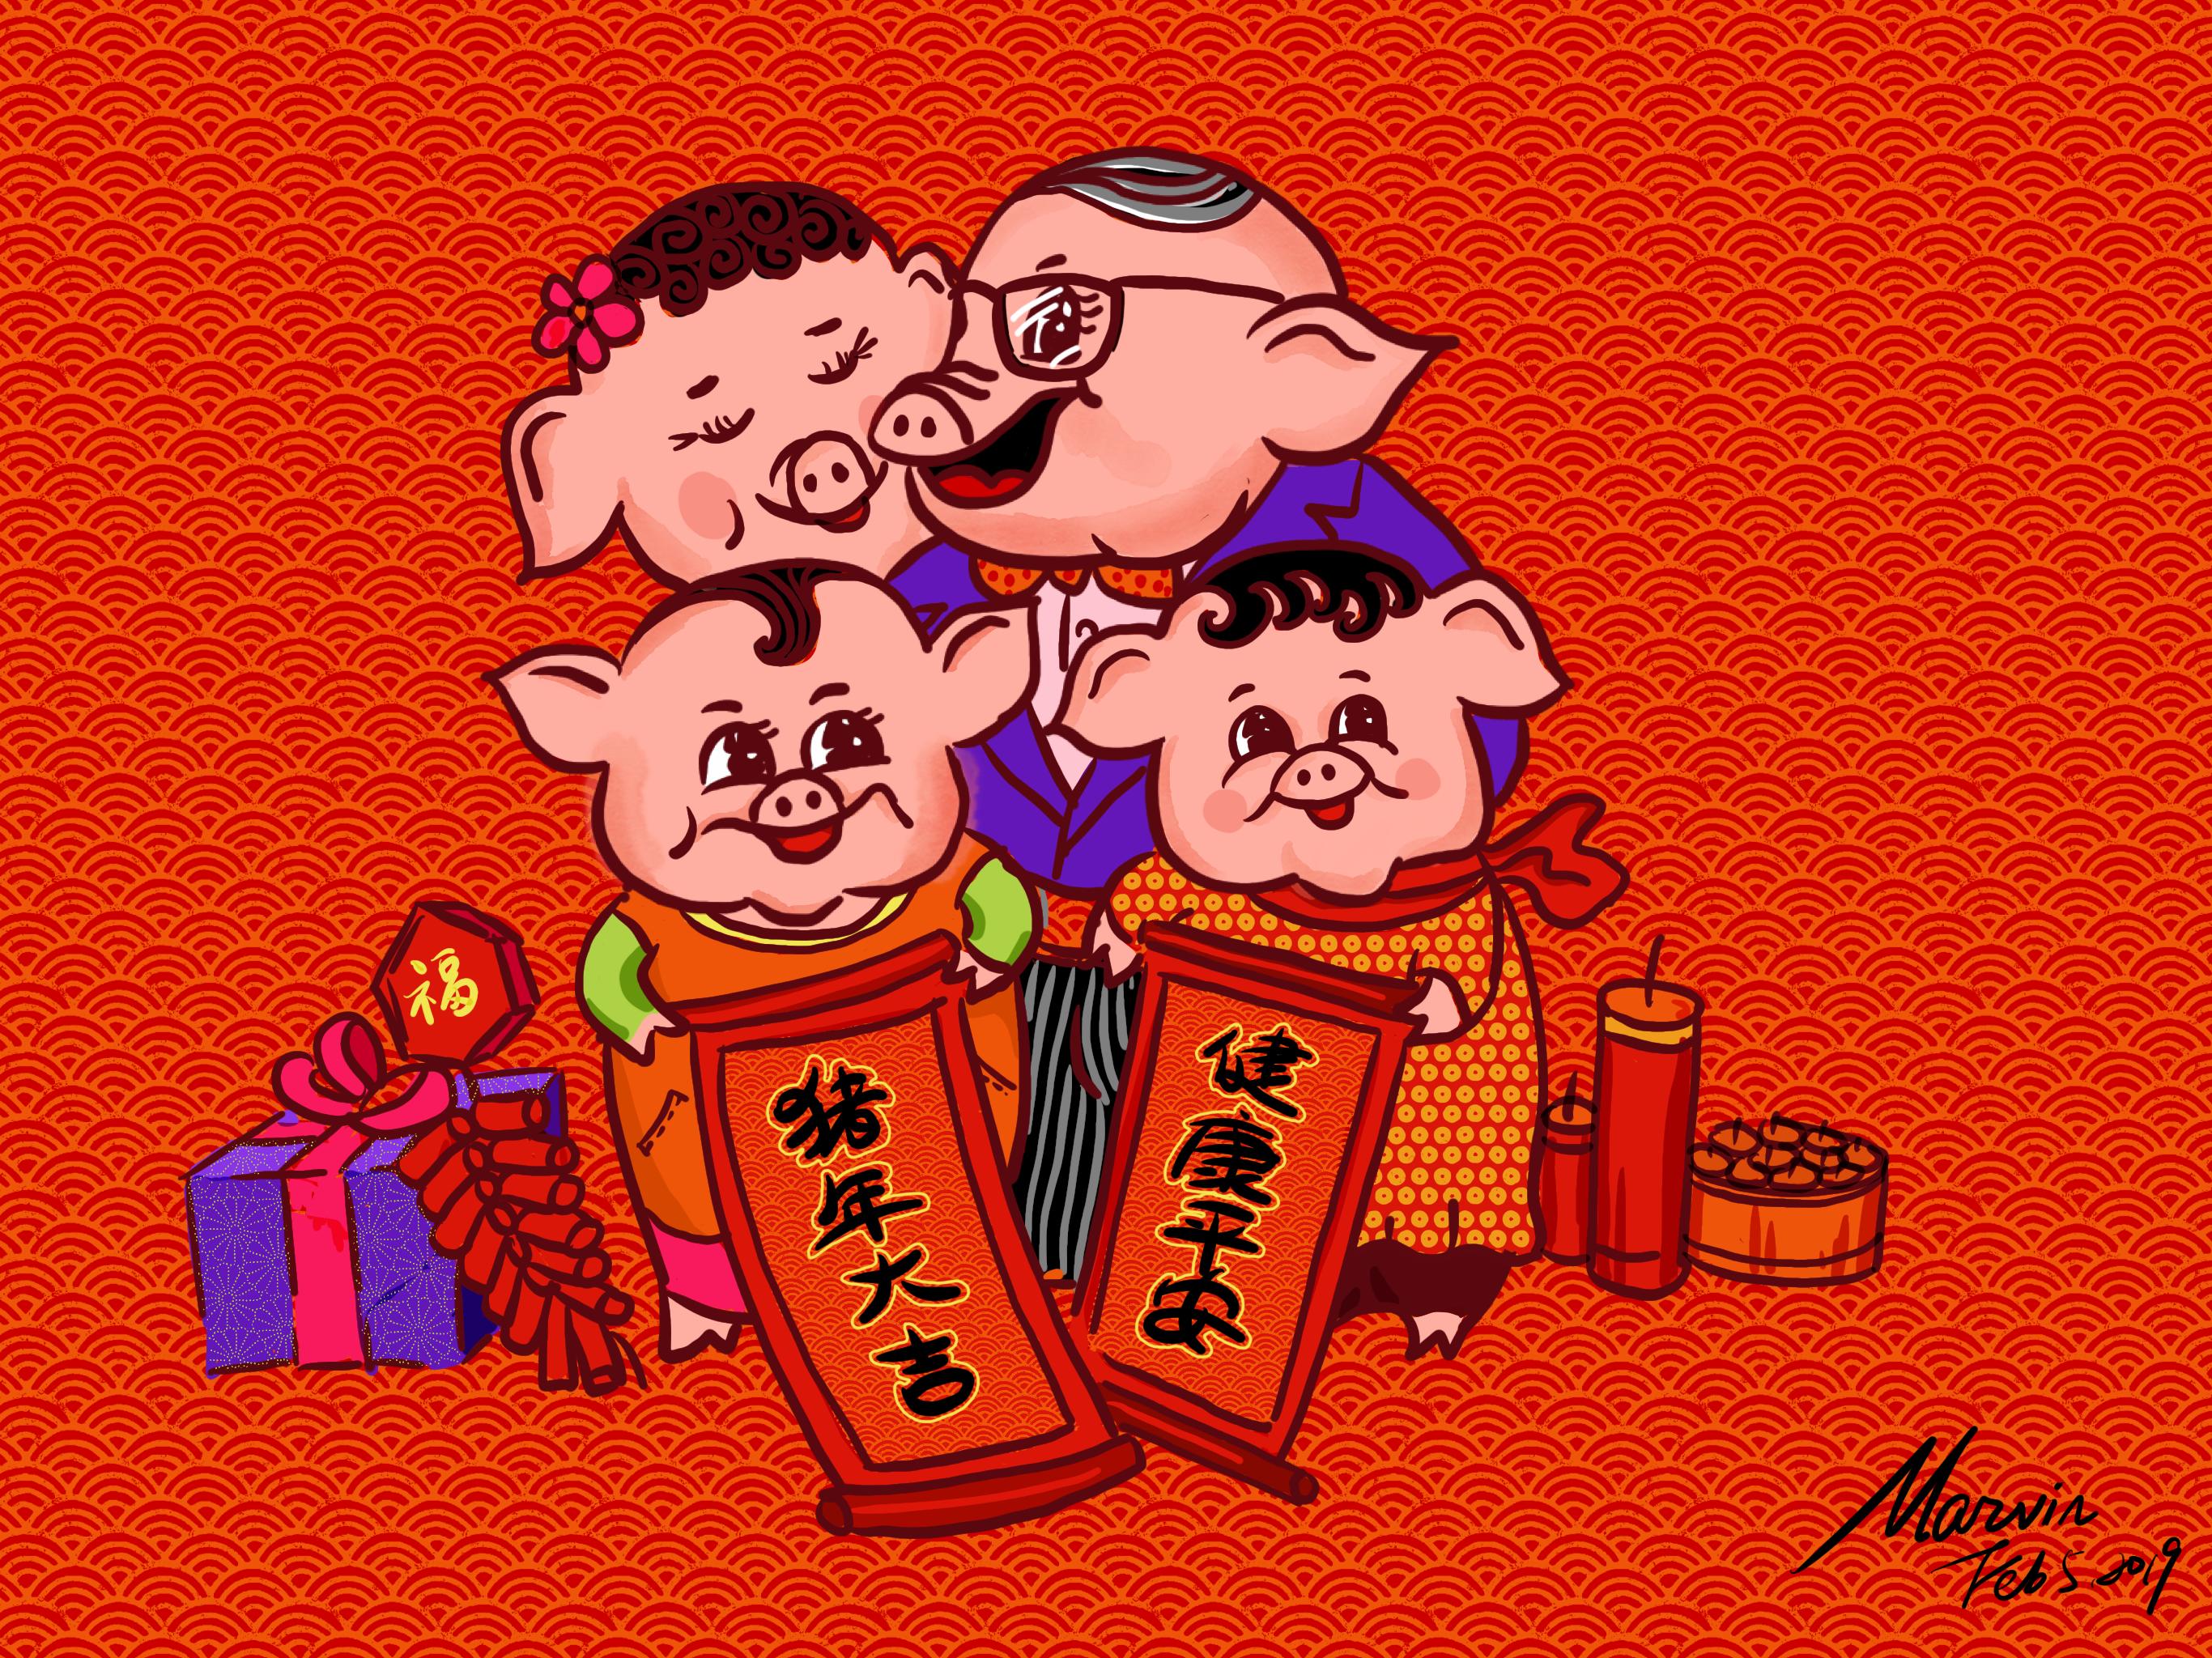 猪年大吉 插画 插画习作 煦大海 - 原创作品 - 站酷图片